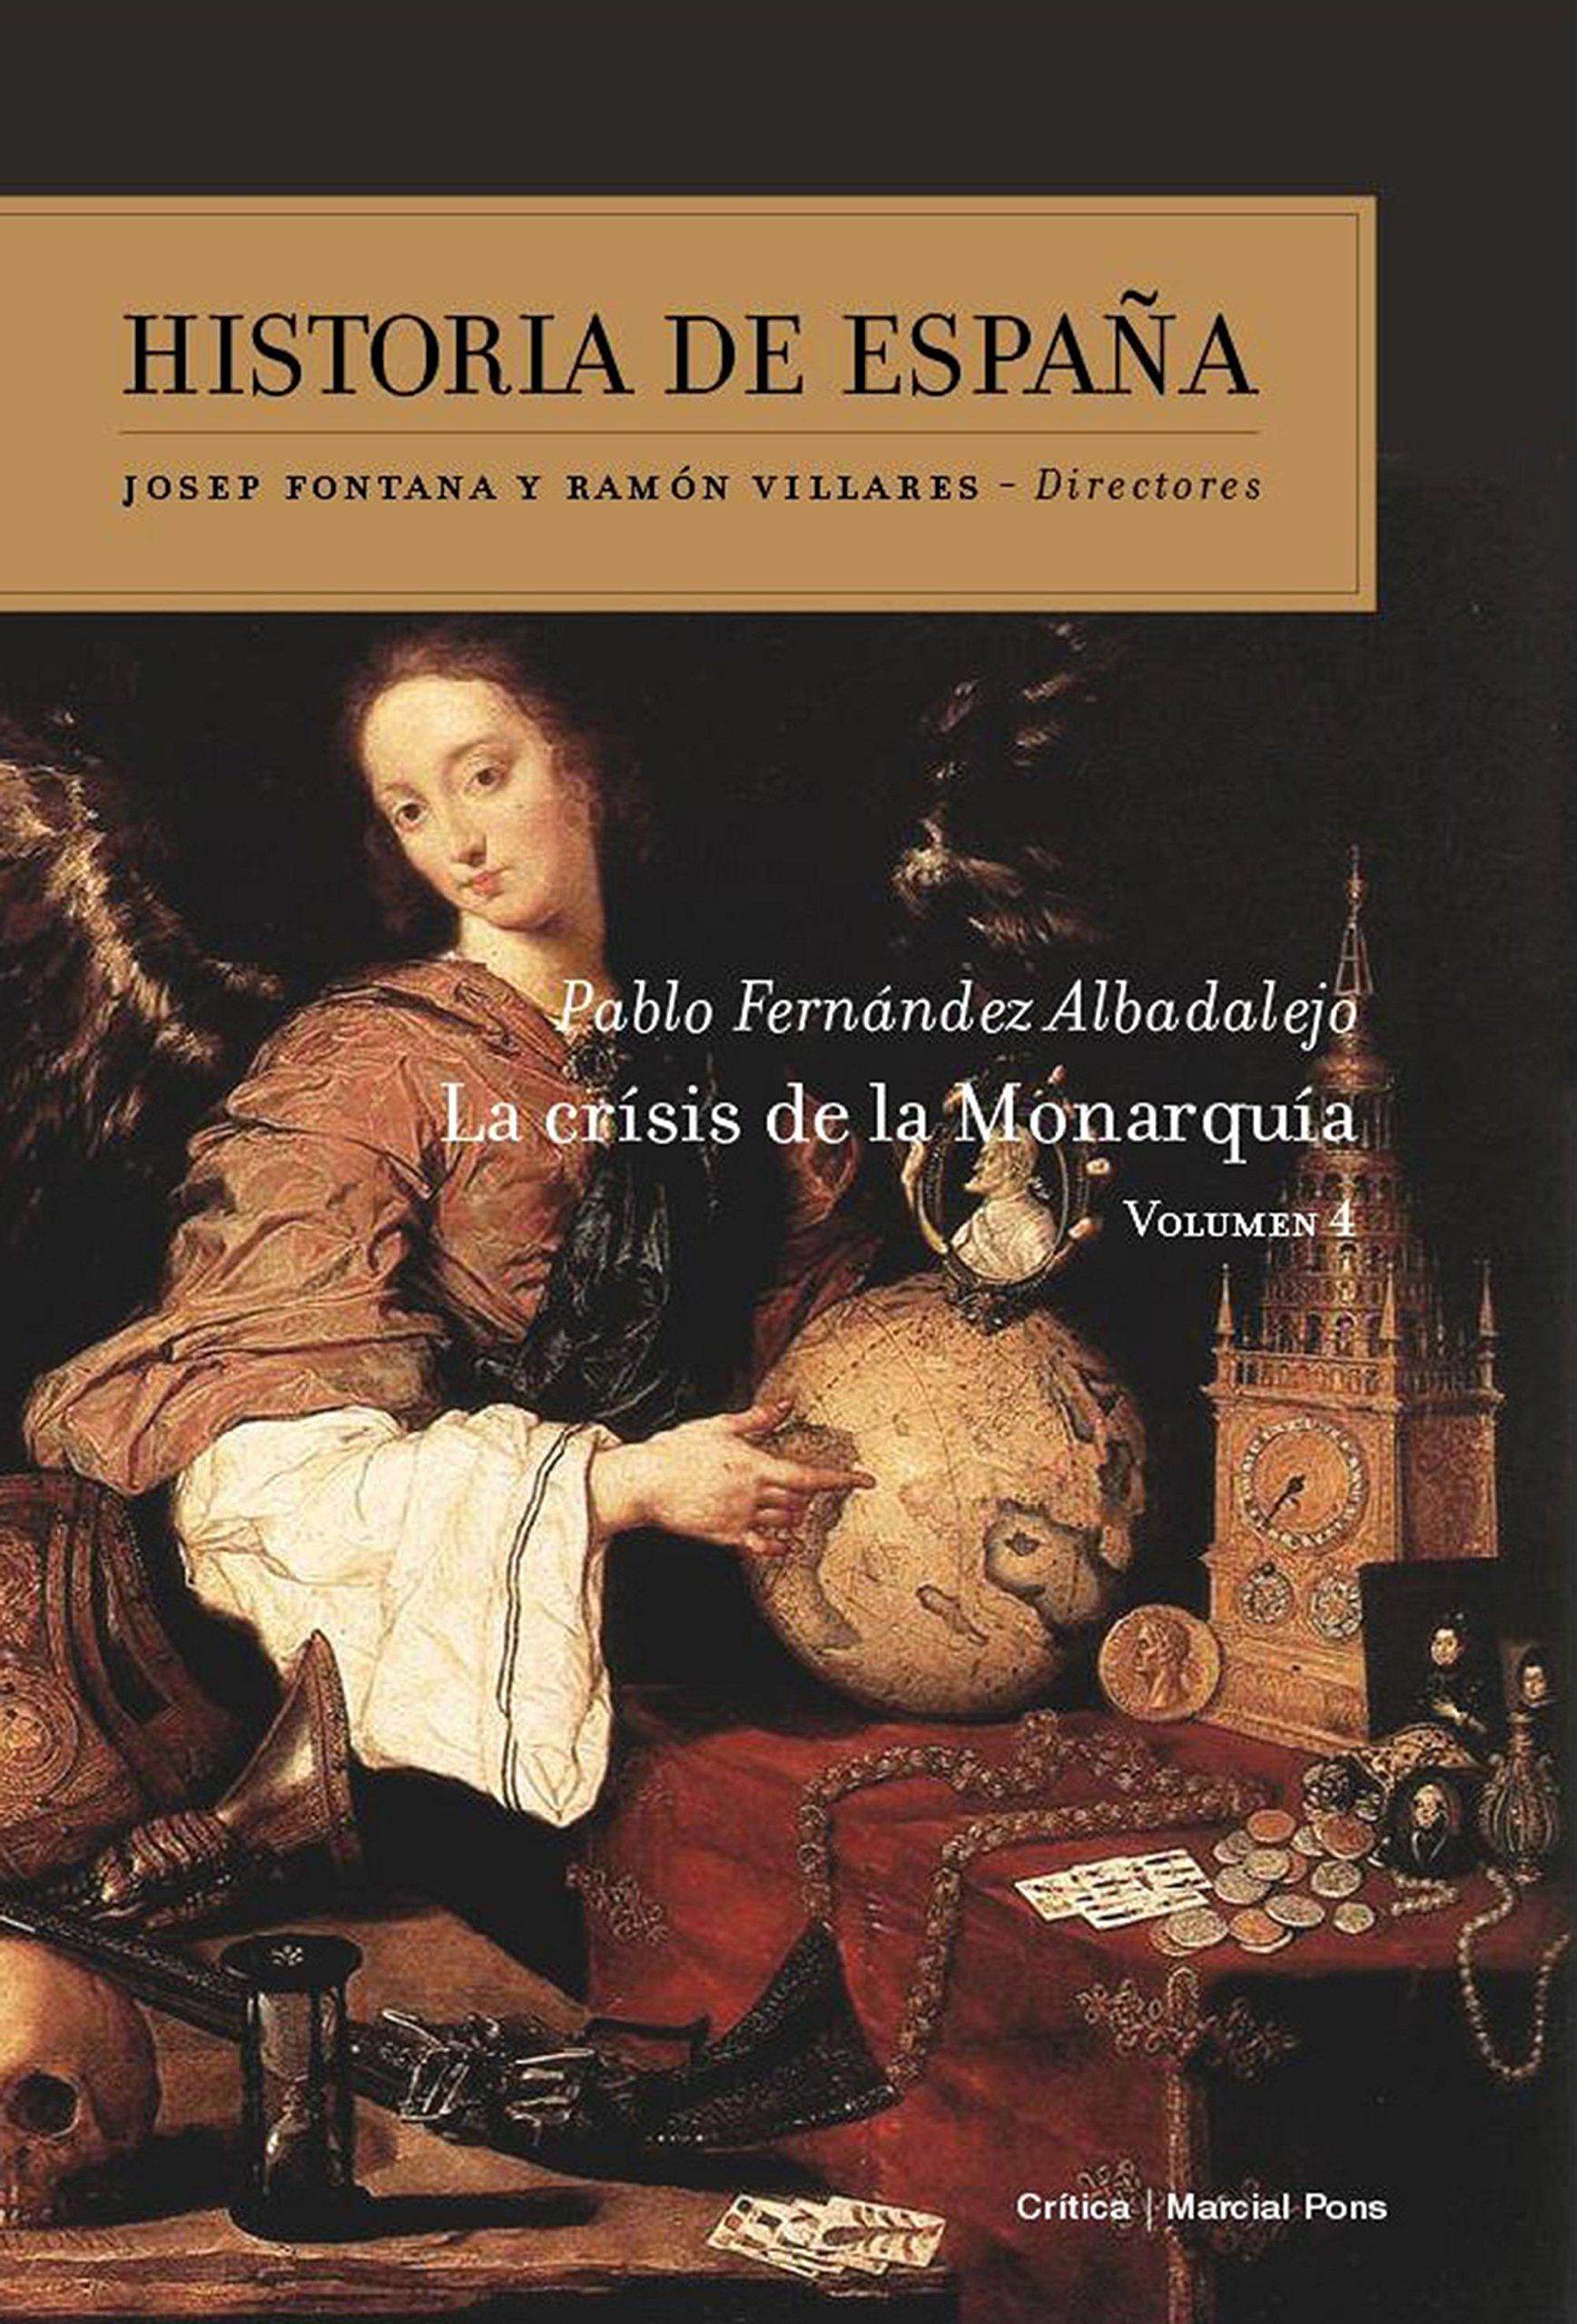 La crisis de la Monarquía: Volumen 4 Historia de España: Amazon.es: Pablo Fernández Albadalejo: Libros